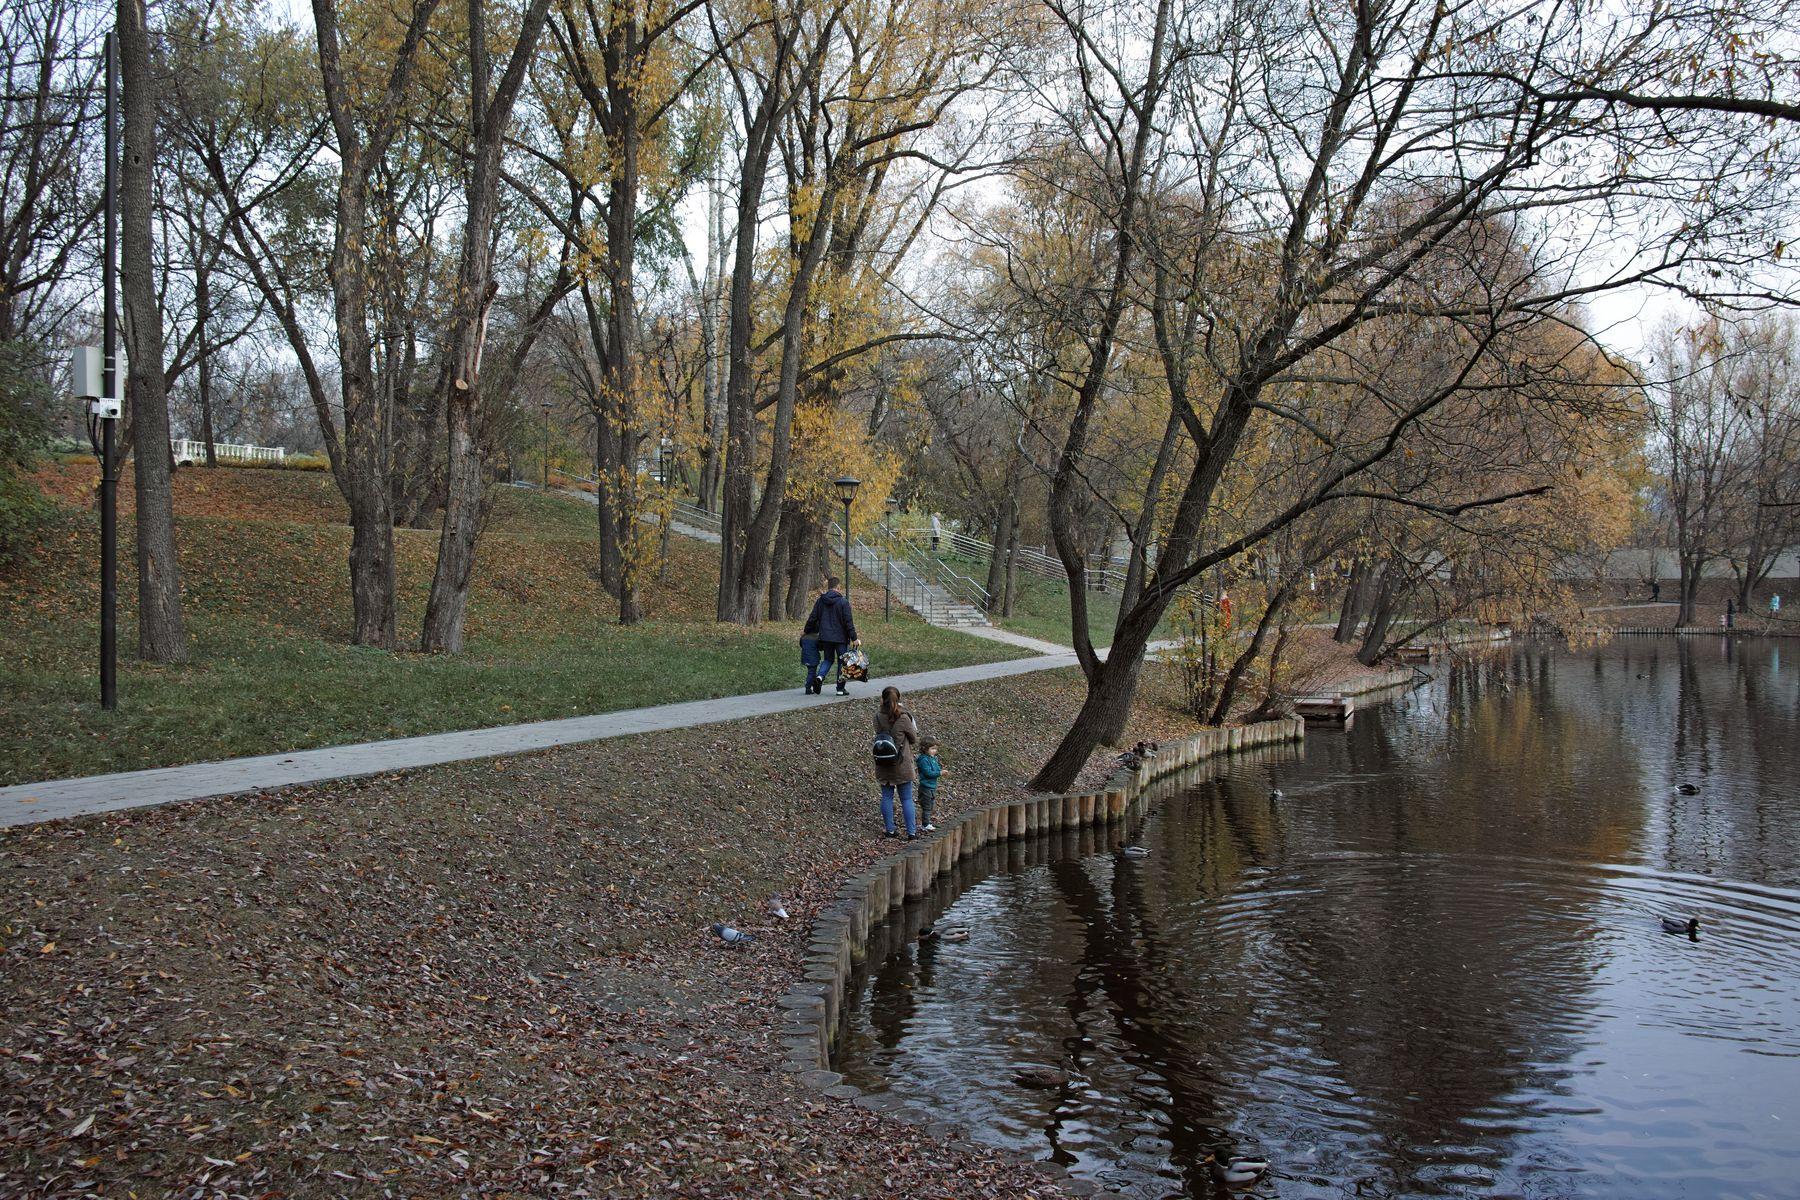 Сад будущего город Москва парк Сад будущего пруд Леоновский